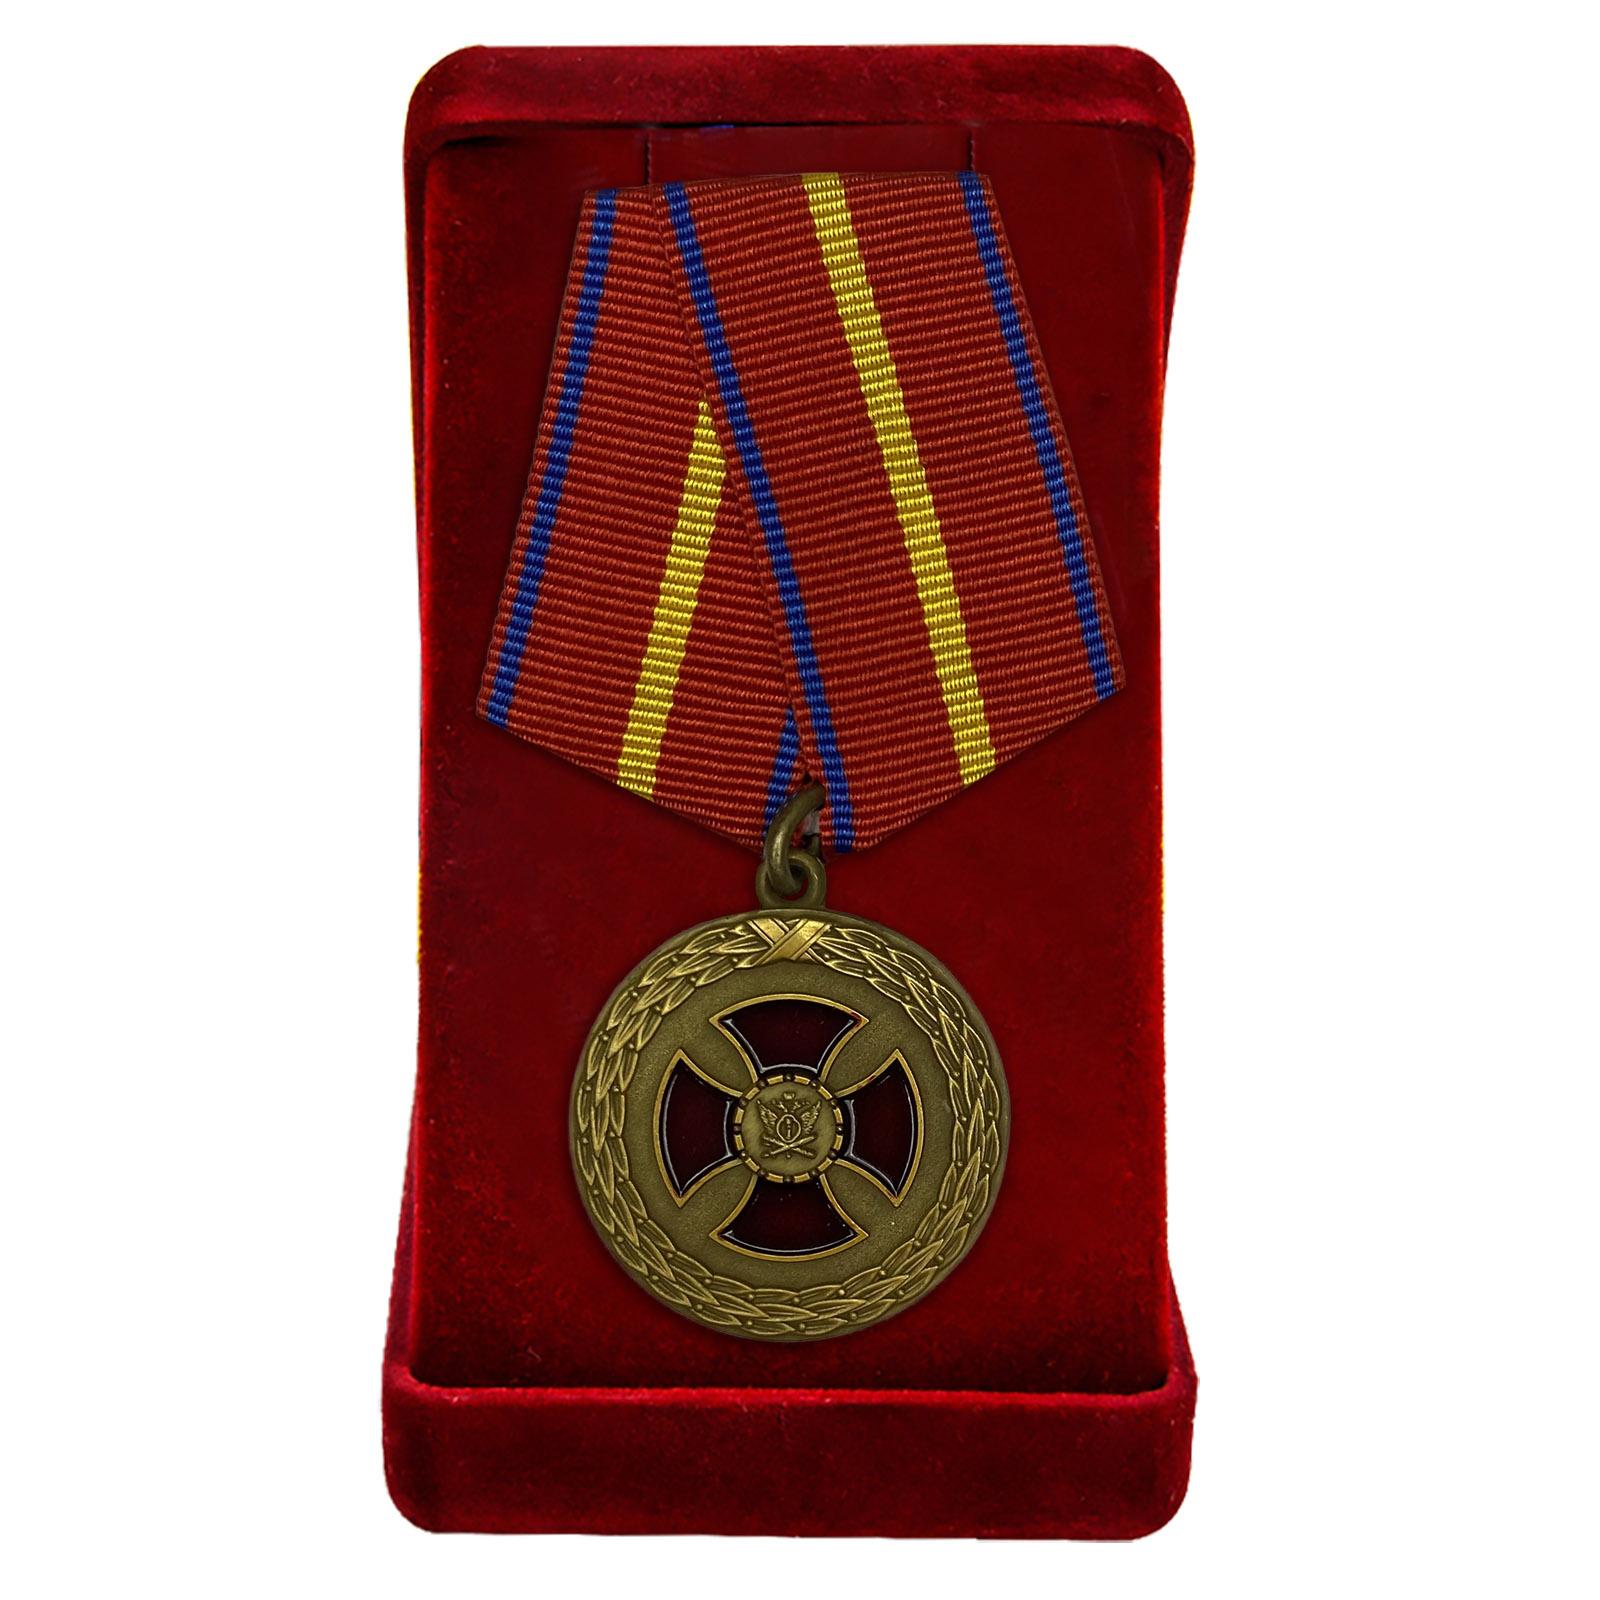 Купить медаль Министерства Юстиции За усердие 1 степени по лучшей цене